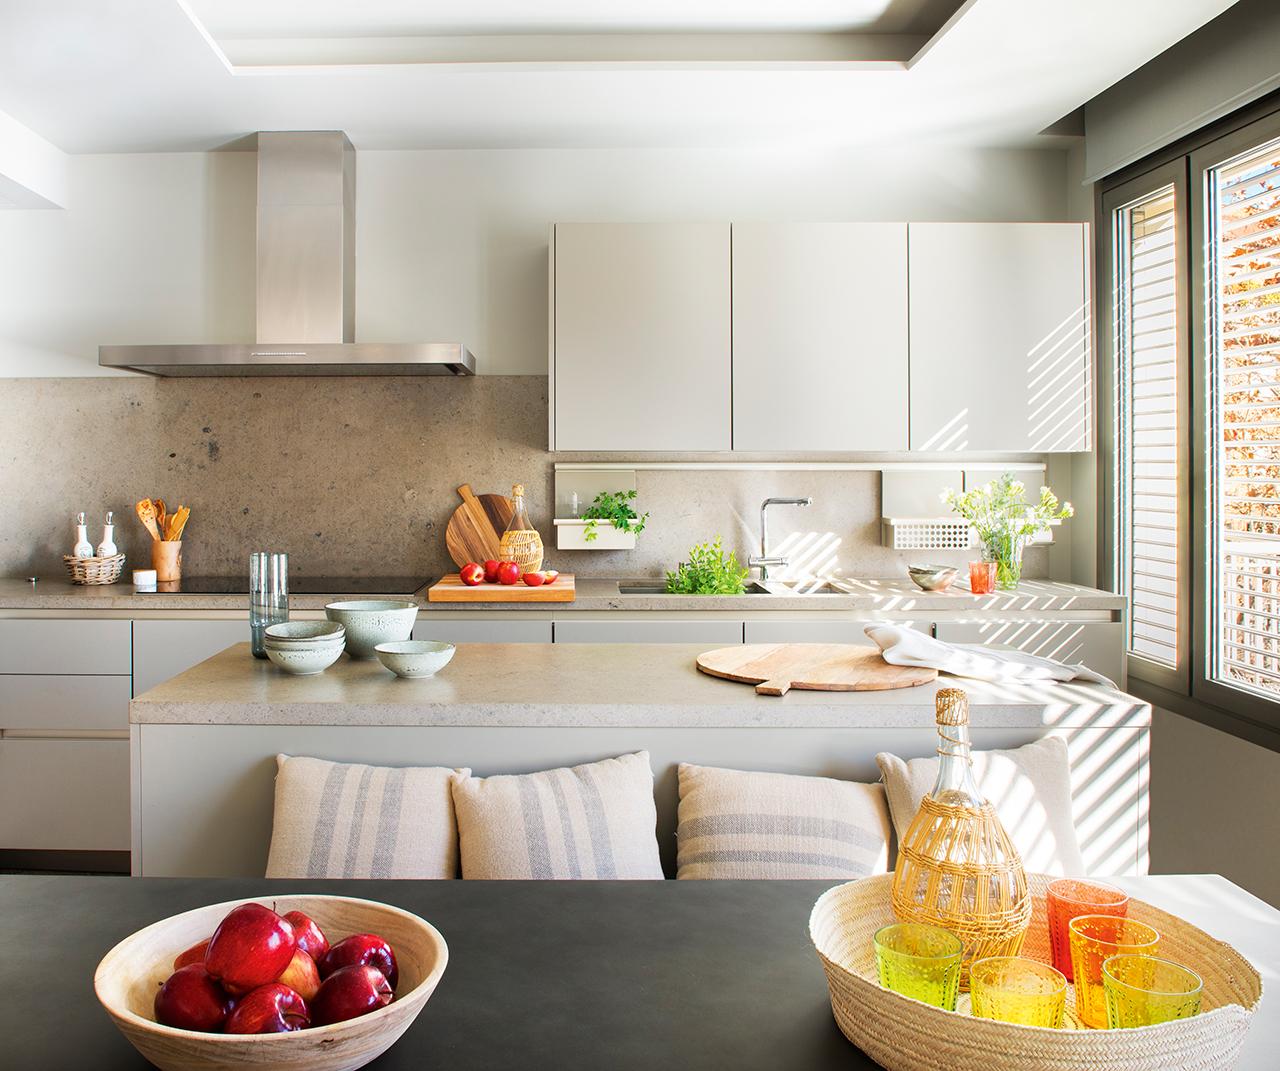 739 Fotos de Muebles de cocina - Pagina 12